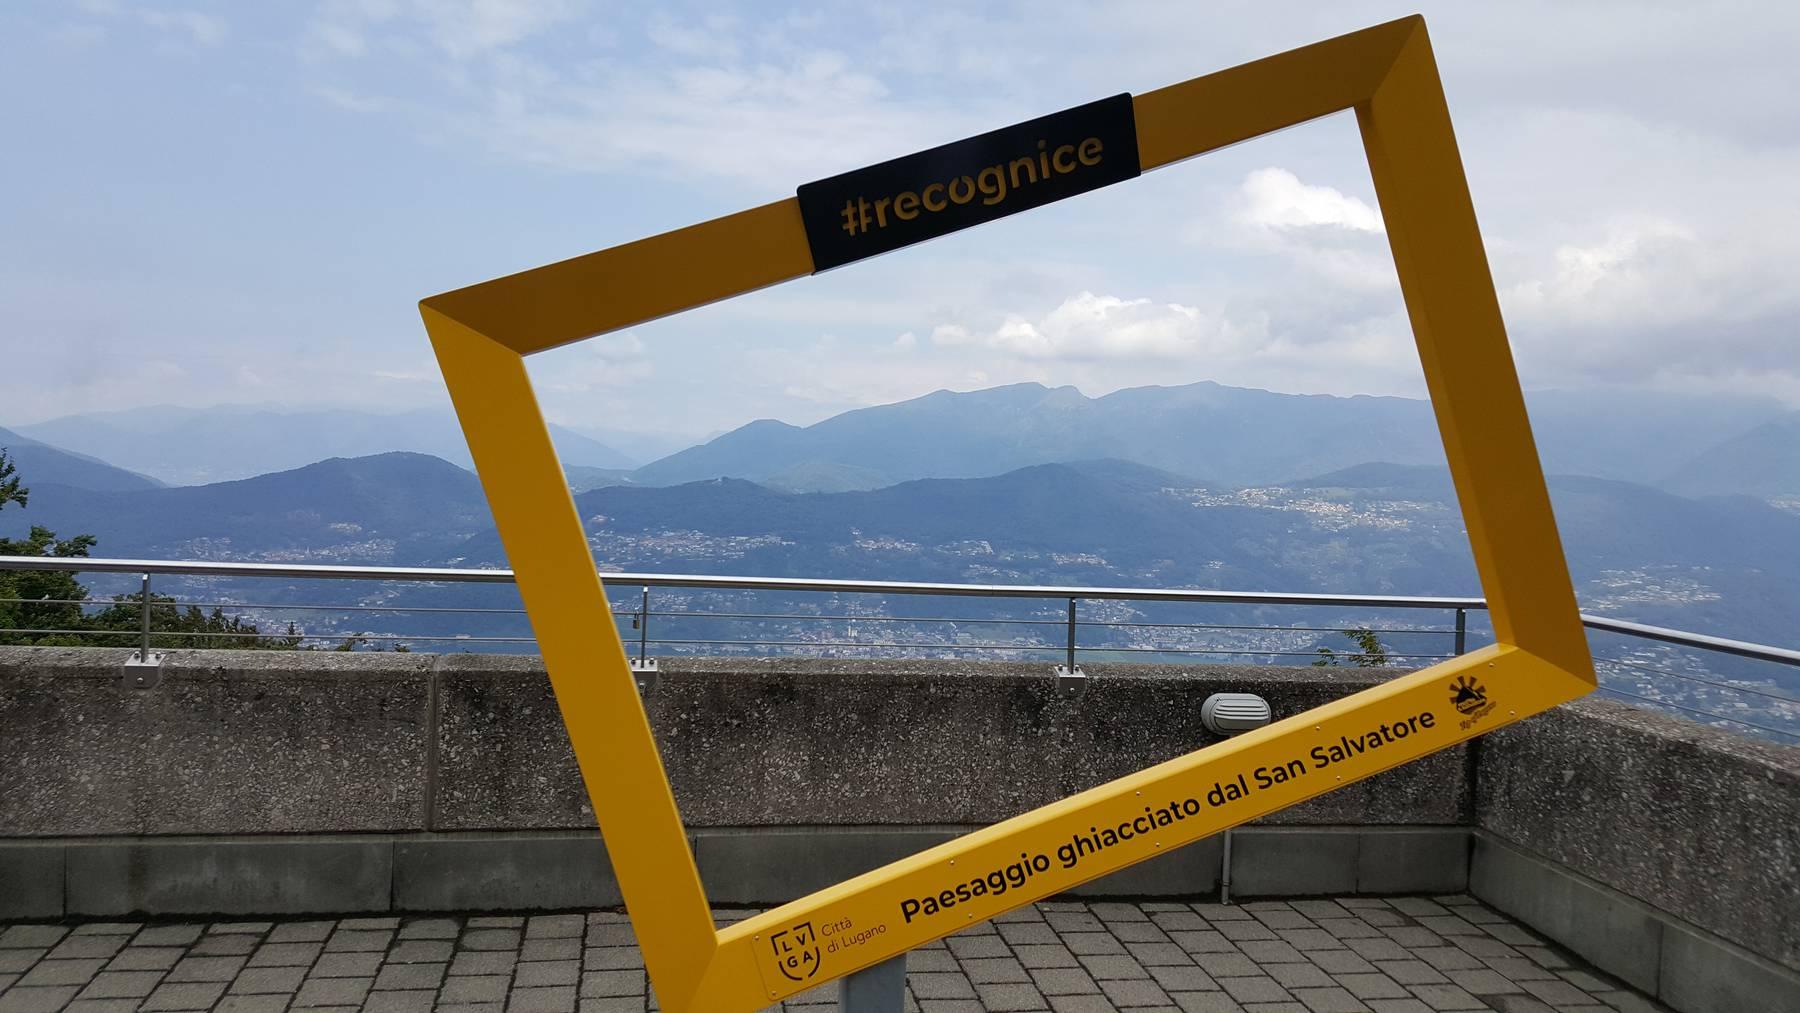 Dieser gelbe Bilderrahmen auf dem San Salvatore oberhalb von Lugano gibt – bei schönem Wetter – die Sicht frei auf 16 Gletscher.